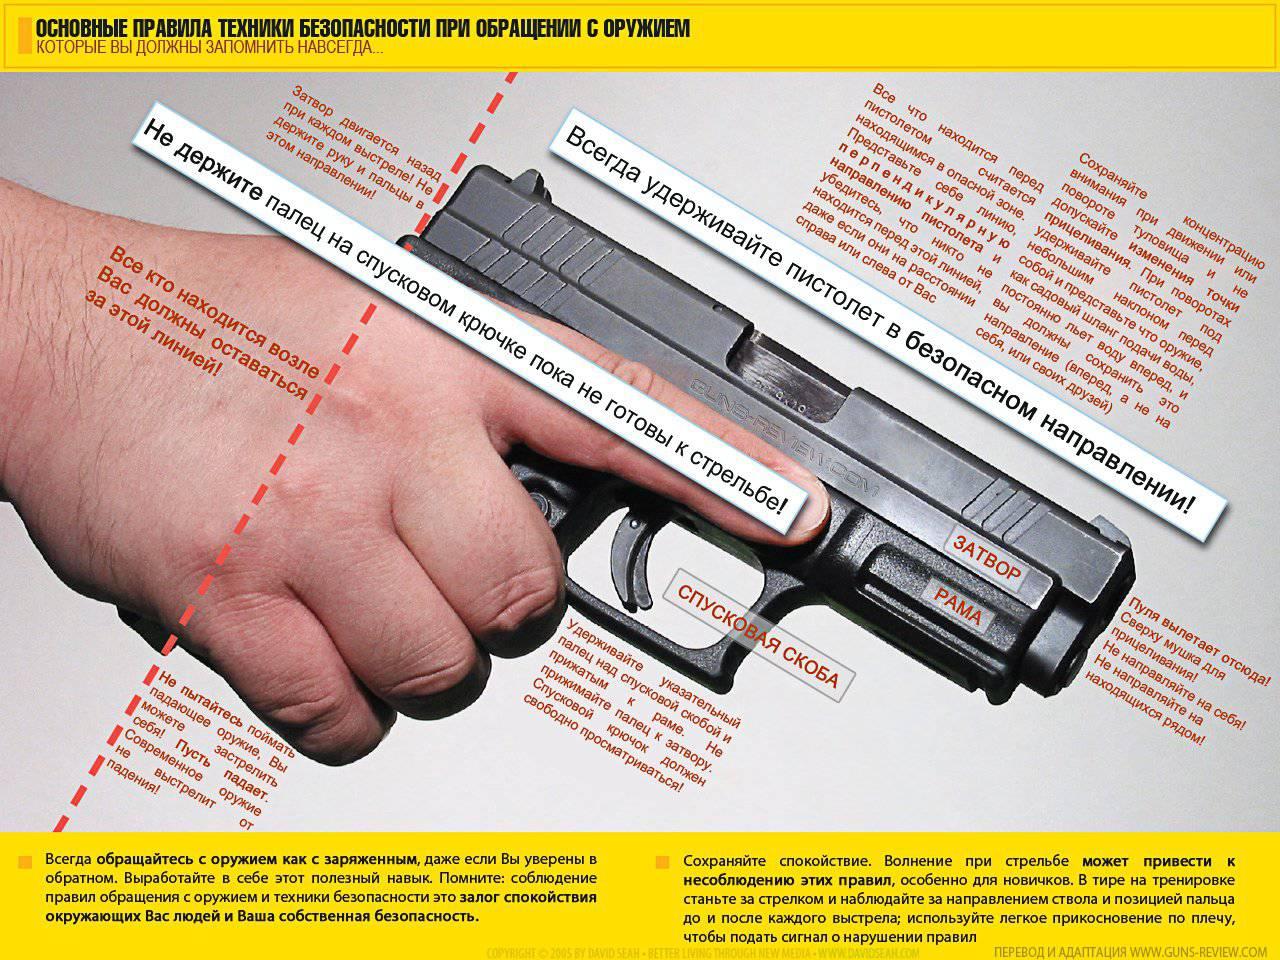 Инструкция по обращению с оружием